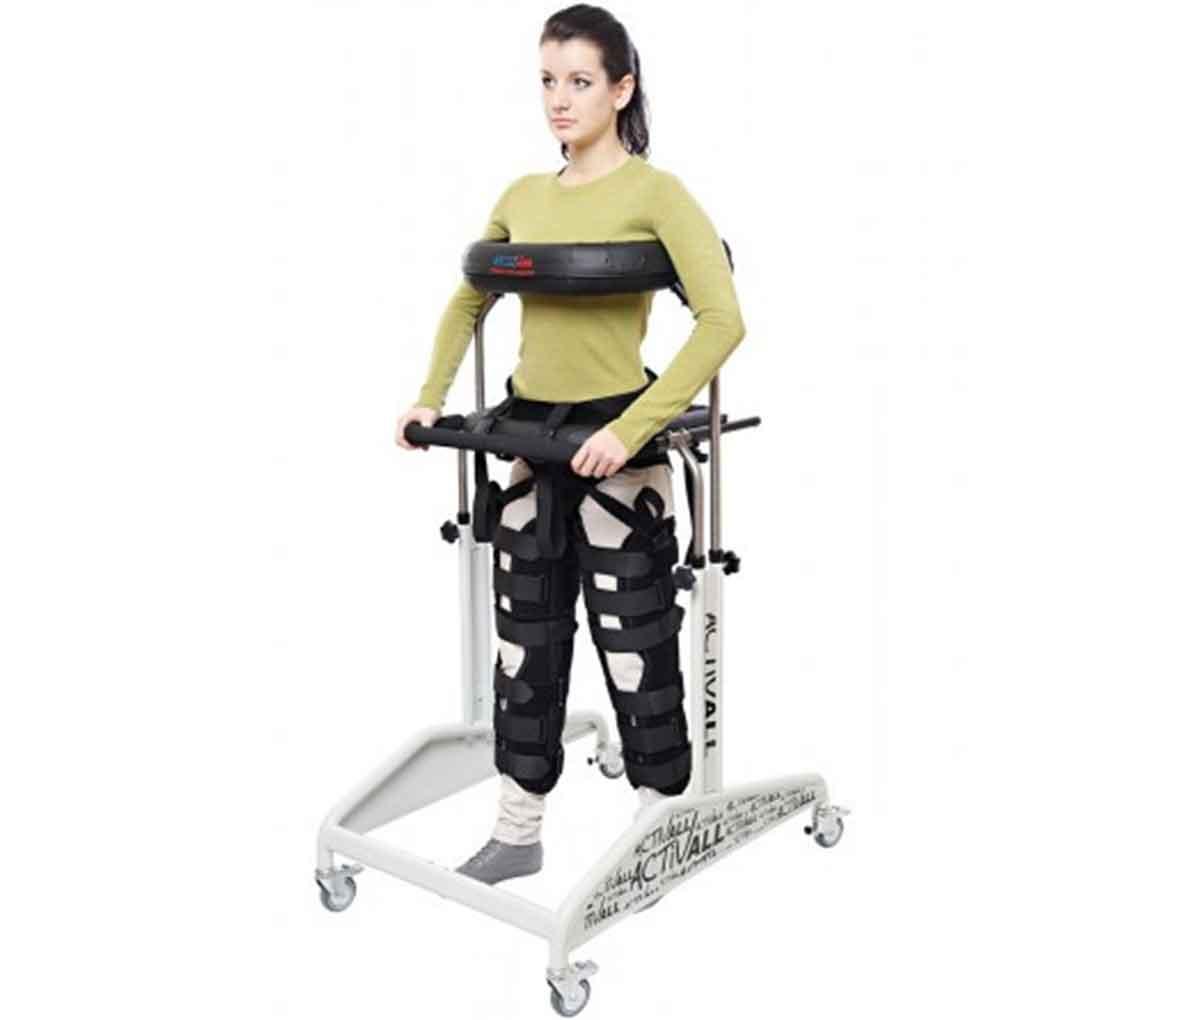 Устройство ортопедический ACTIVALL для восстановления ходьбы